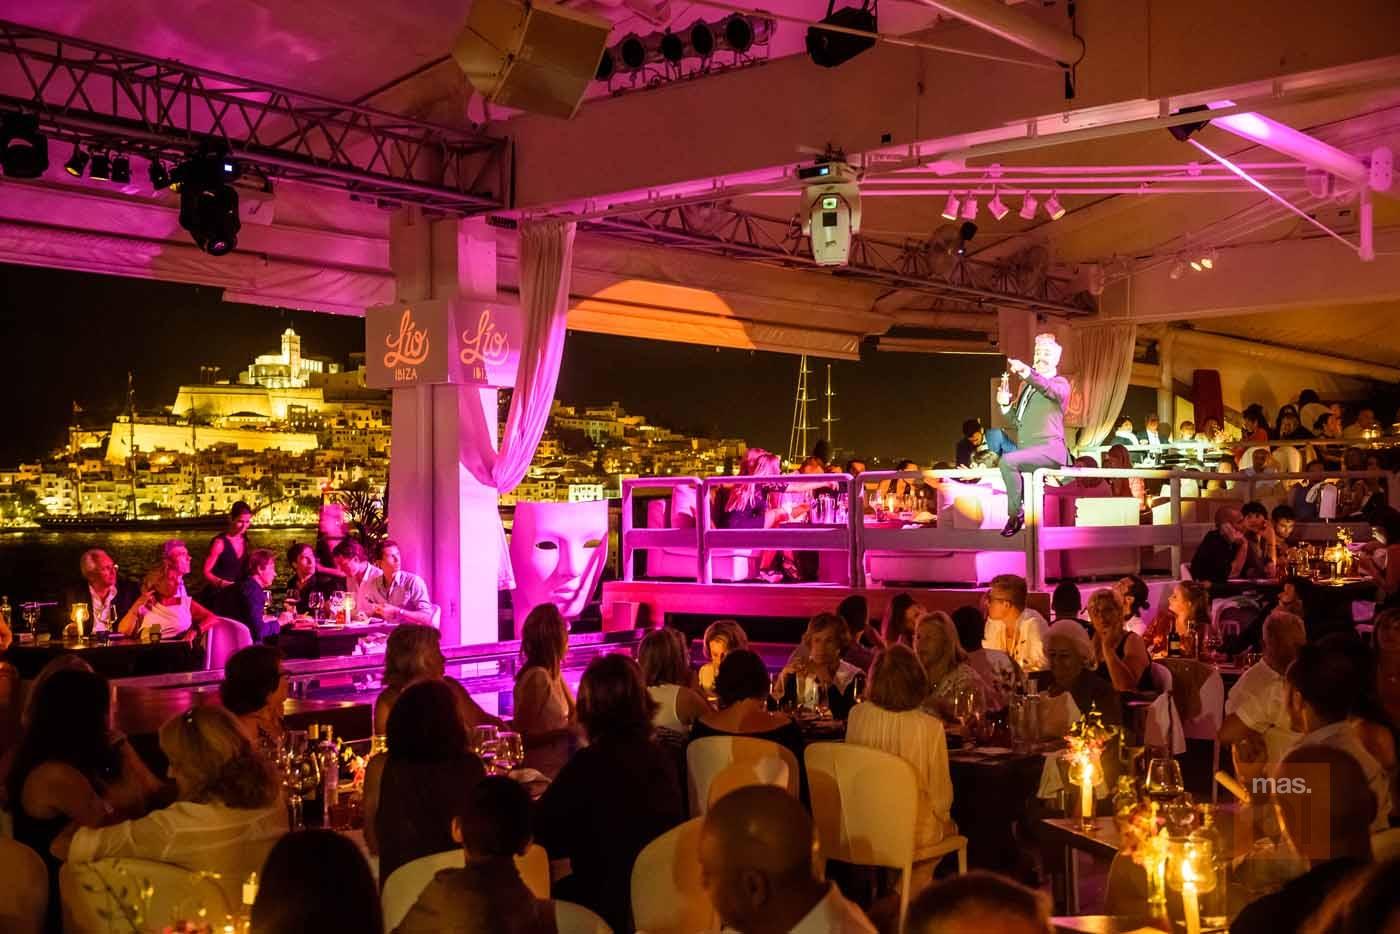 Restaurant Cabaret Lío. Lujo, espectáculo y diversión